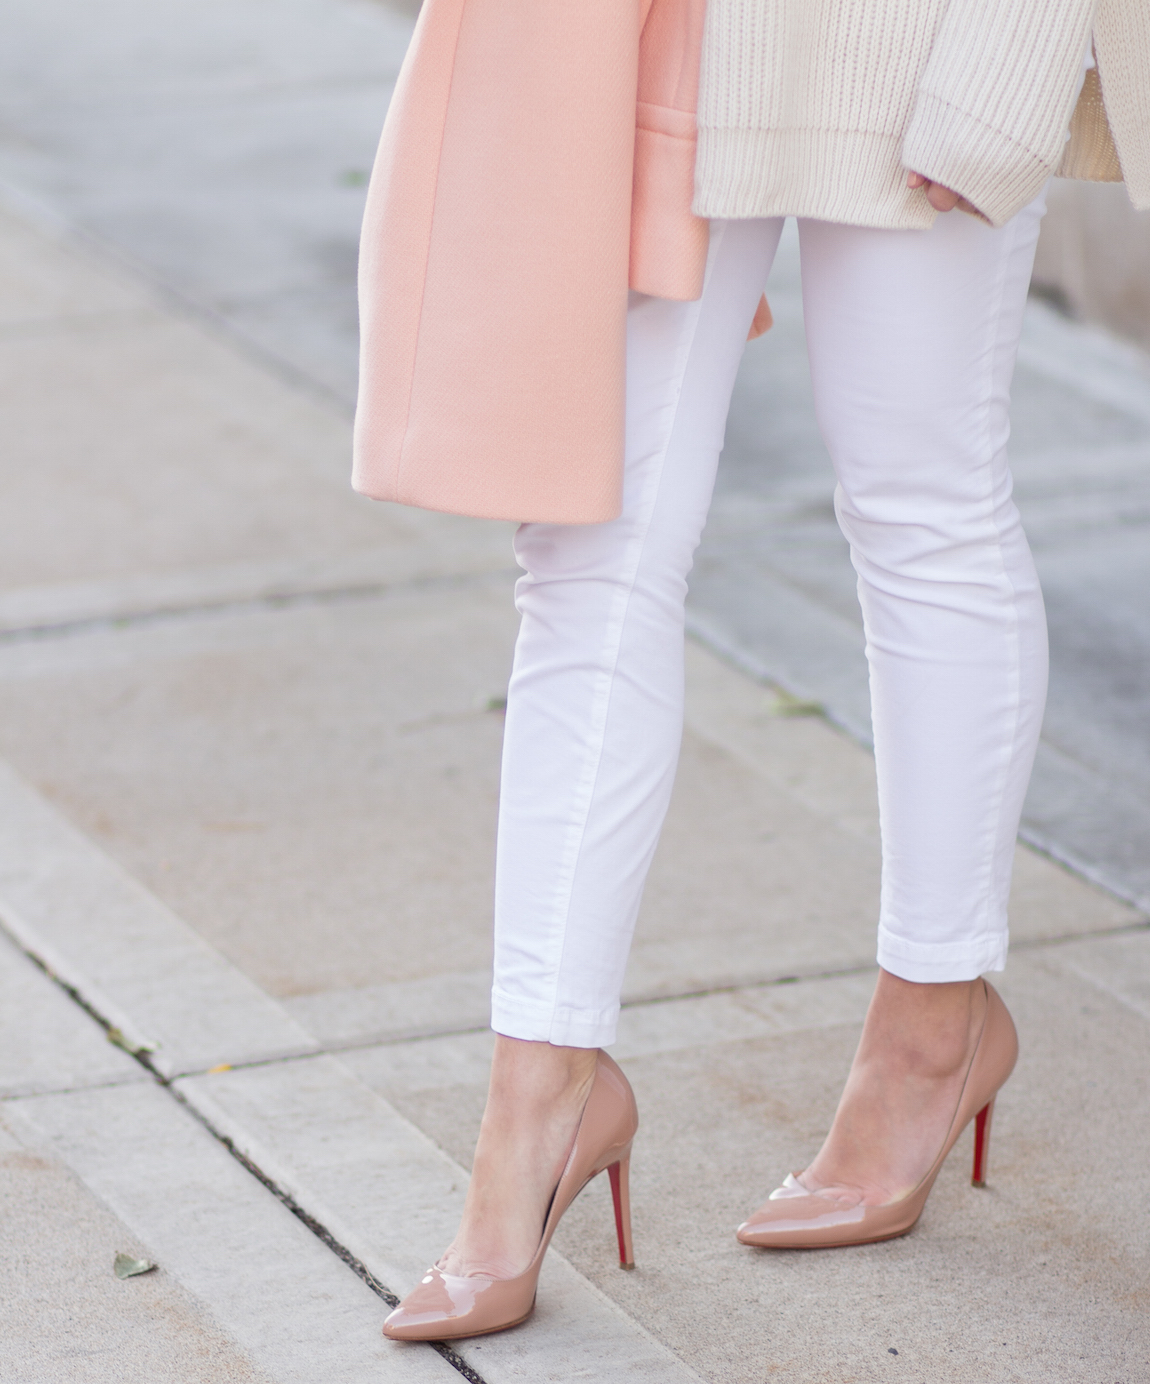 nude heels + white pants